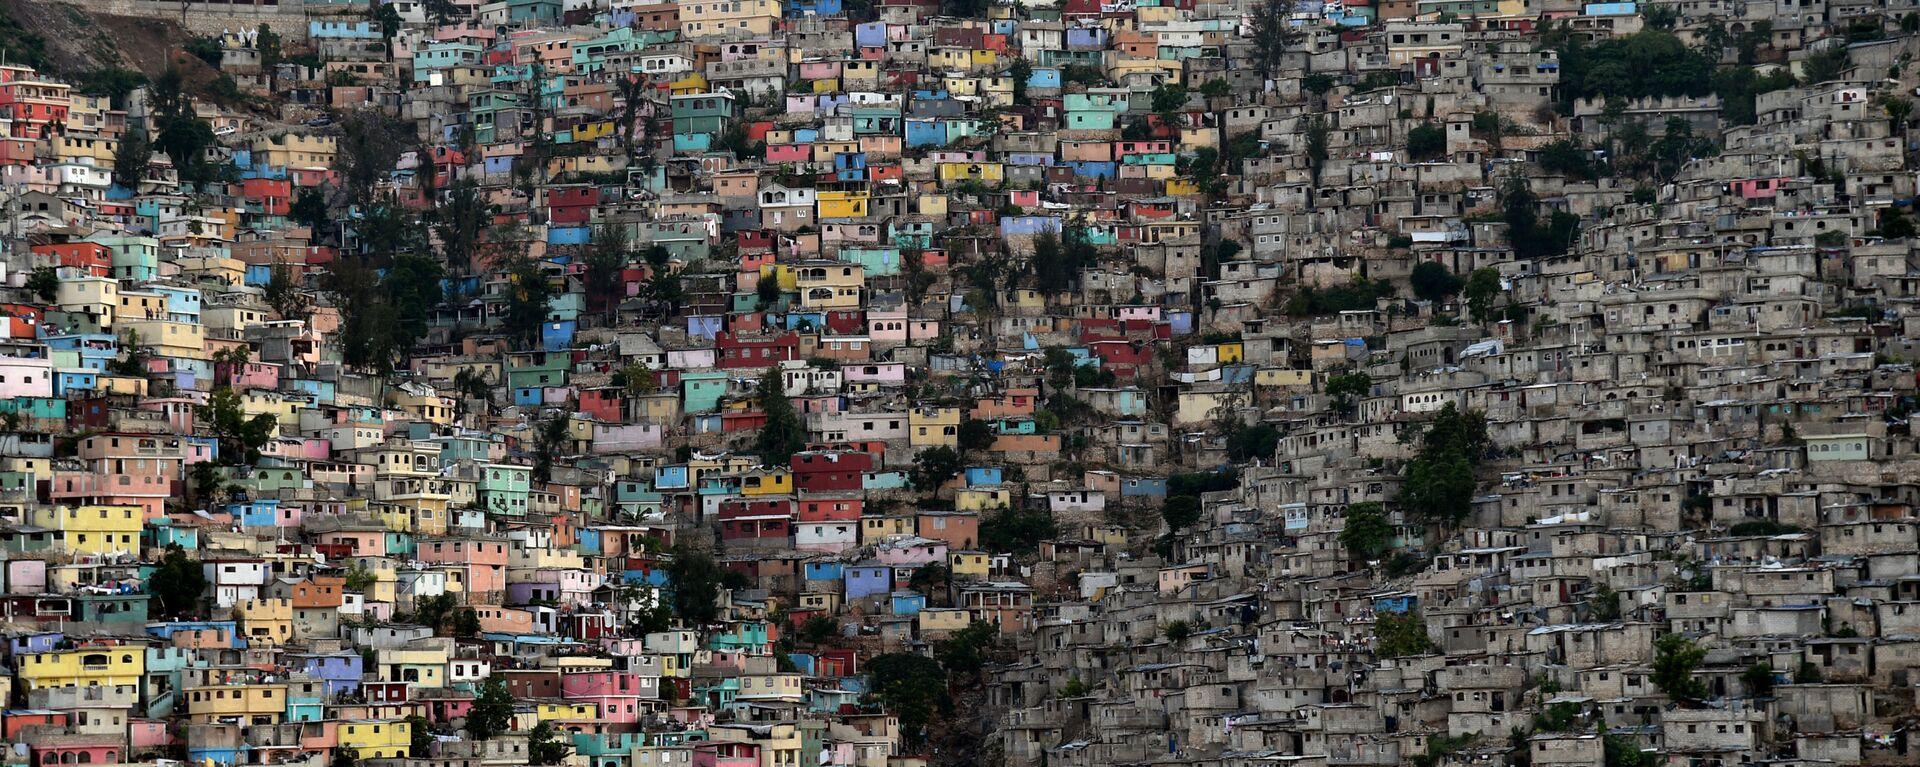 Hlavní město Haiti Port-au-Prince. - Sputnik Česká republika, 1920, 07.07.2021